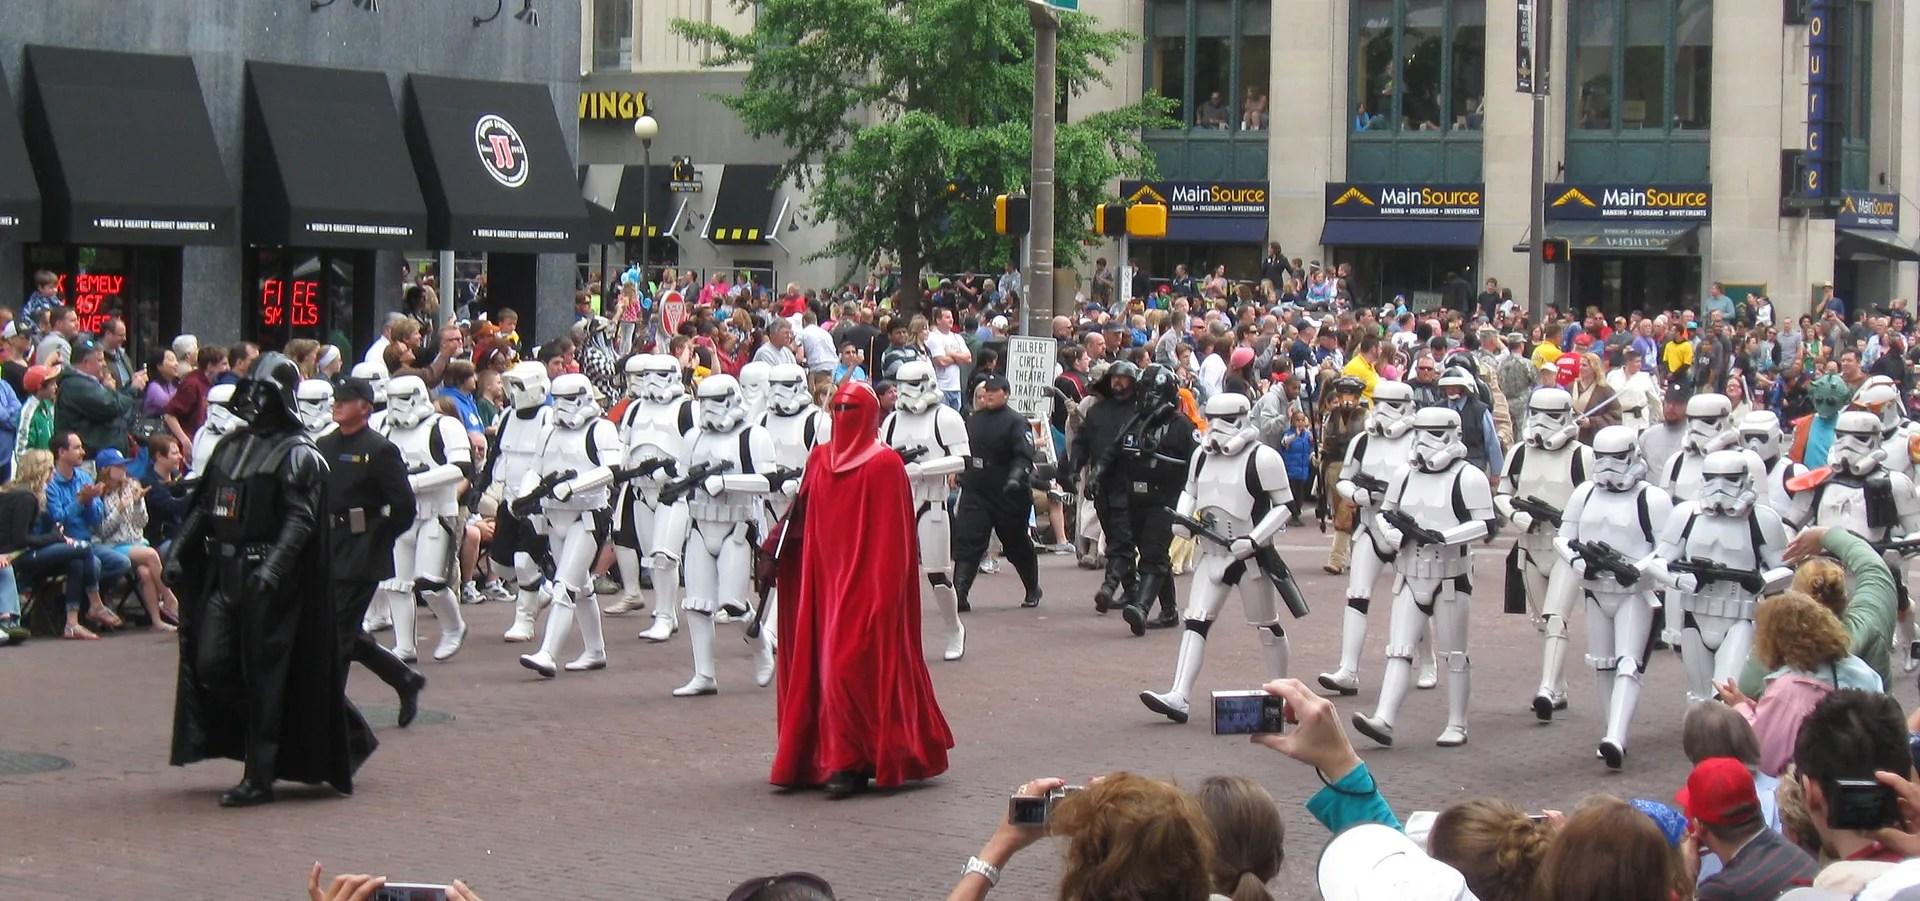 Darth Vader, 501st Legion, Star Wars, 500 Festival Parade 2013, Indianapolis